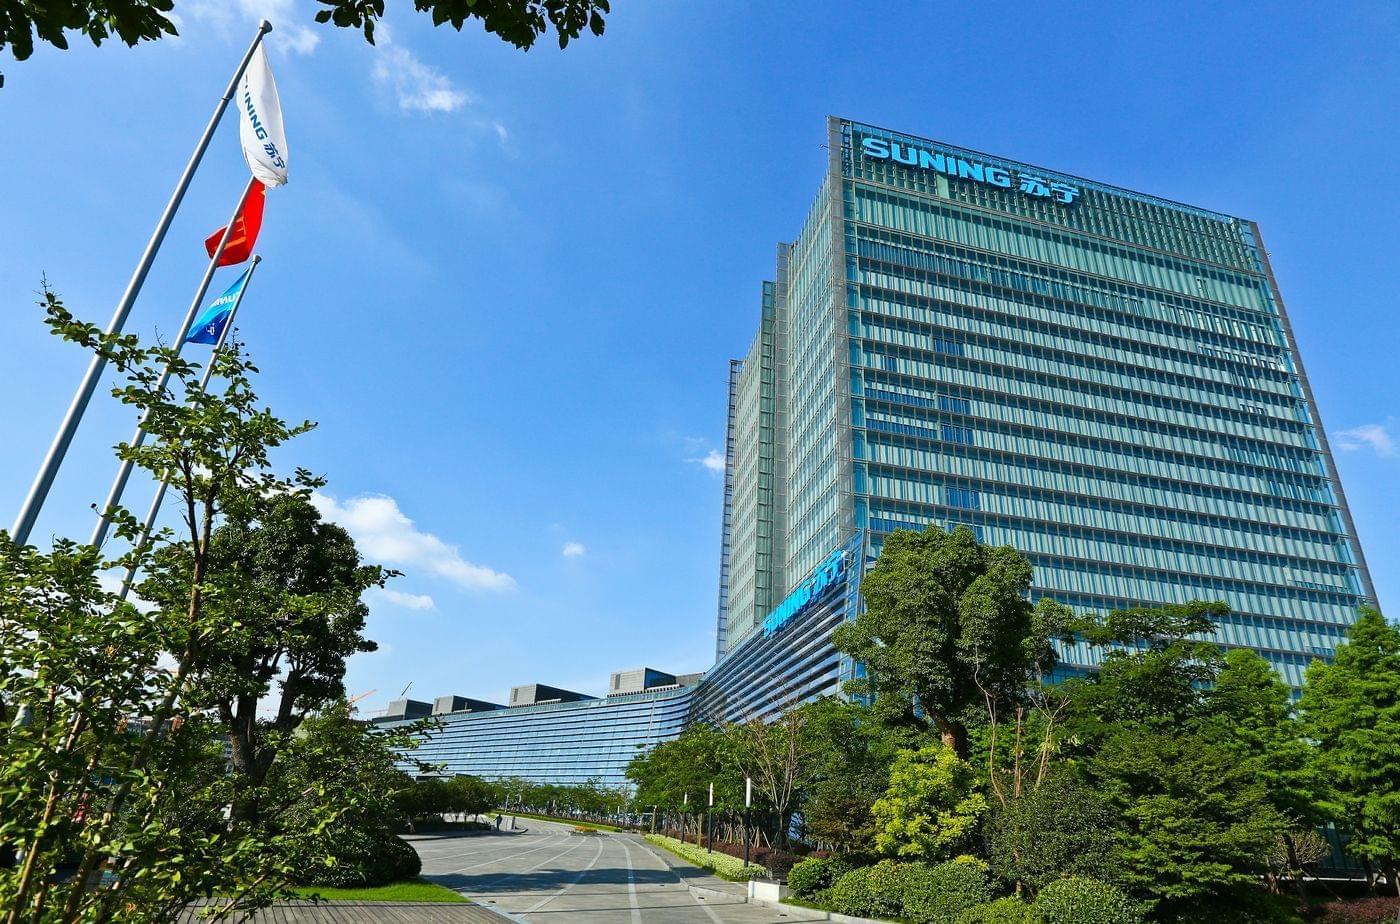 早报|苏宁宣布200亿入股恒大 双方开启全面合作